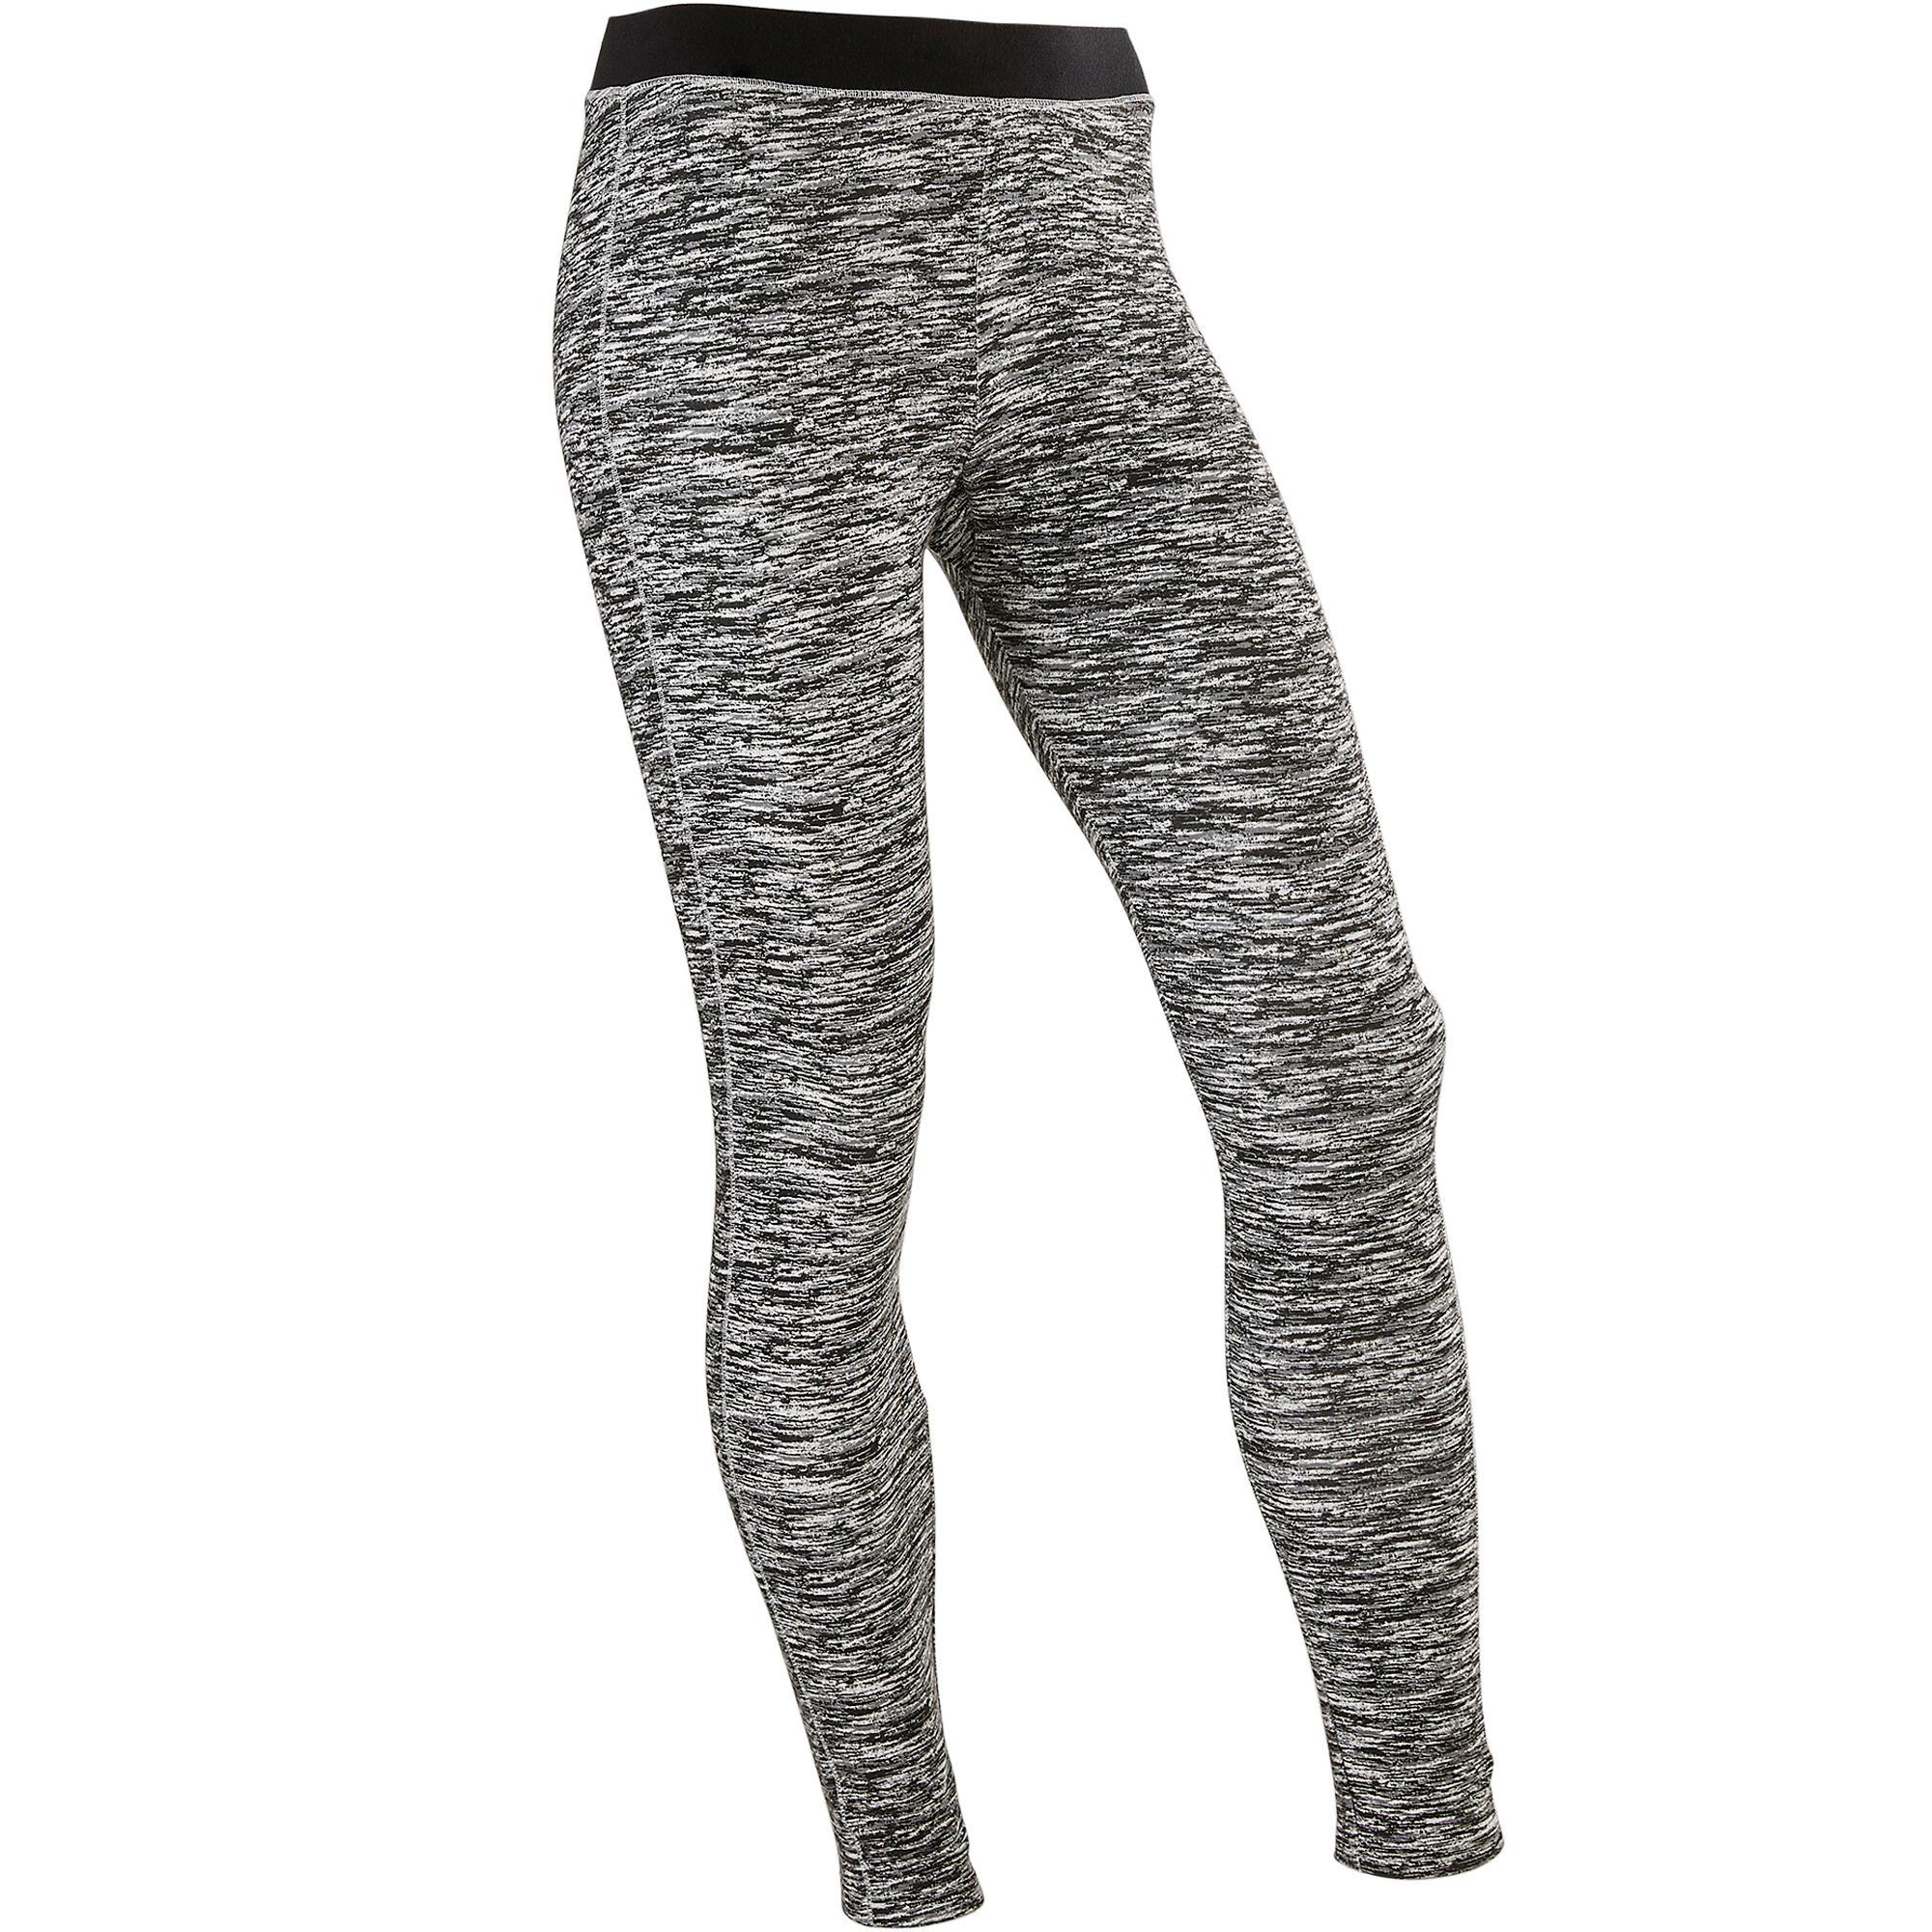 Desfiladero vergüenza nuez  leggings adidas niña decathlon where to buy 3a8a2 c48b8